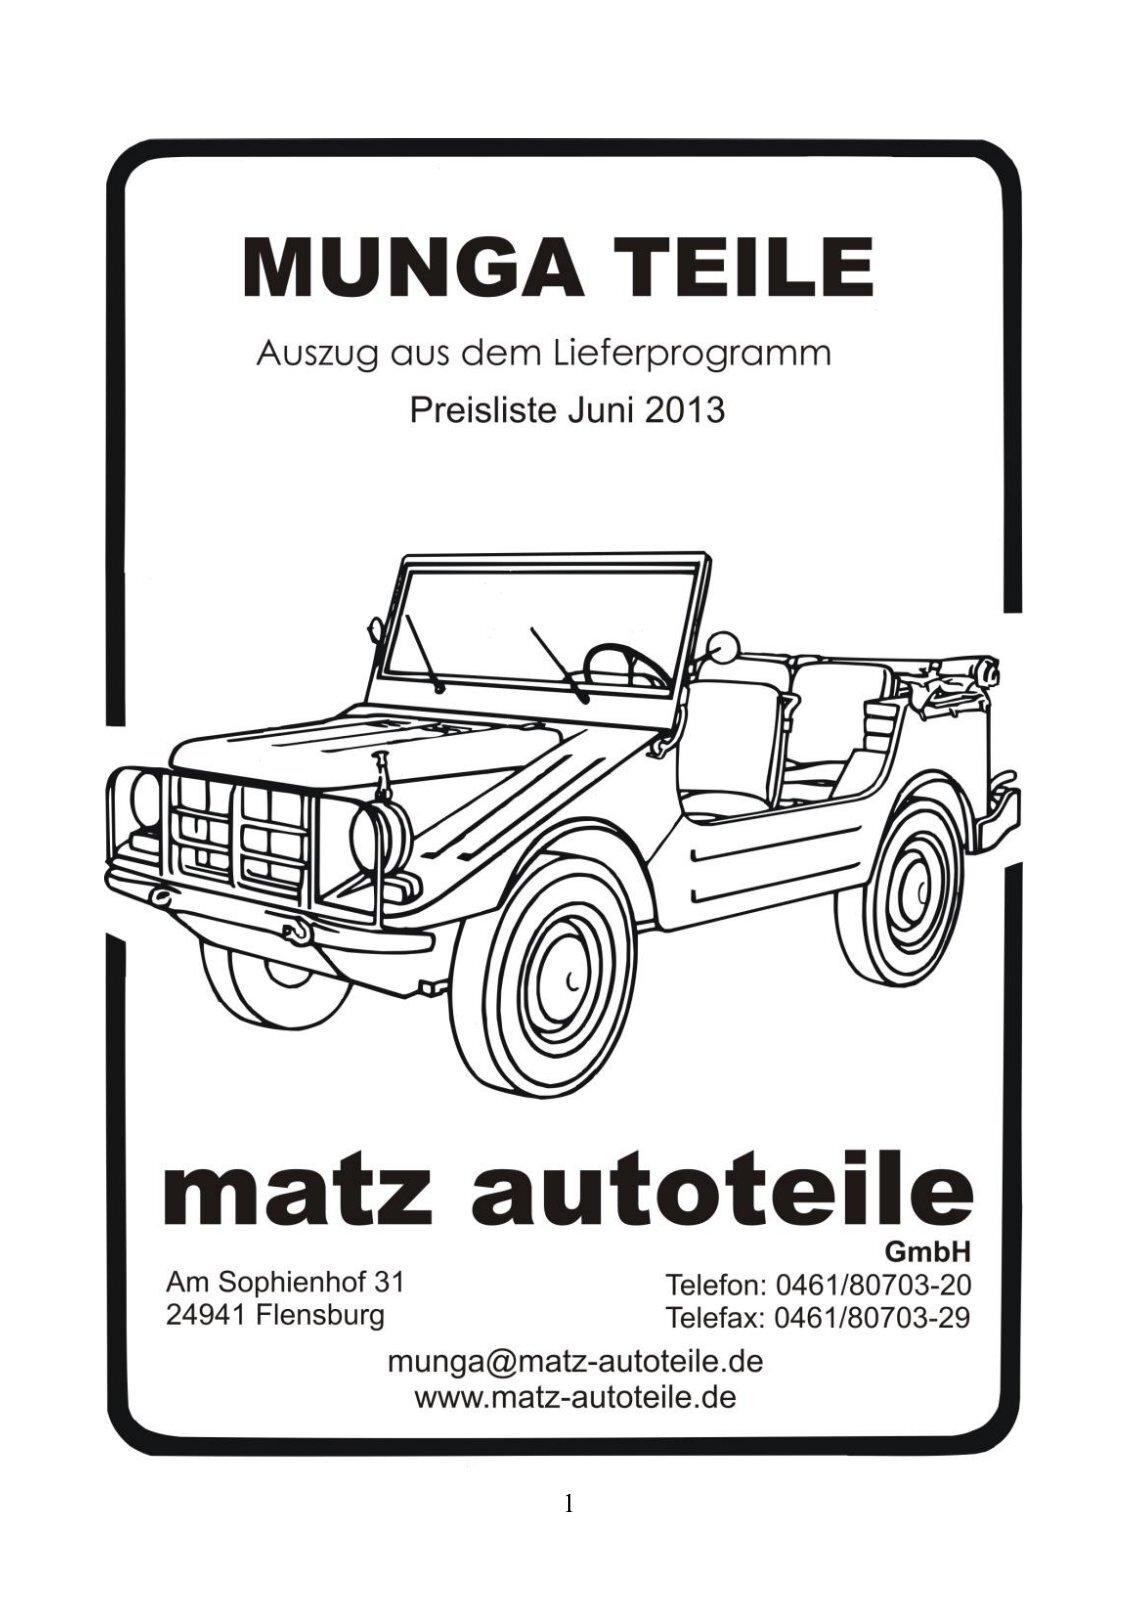 10 free Magazines from MATZ.AUTOTEILE.DE